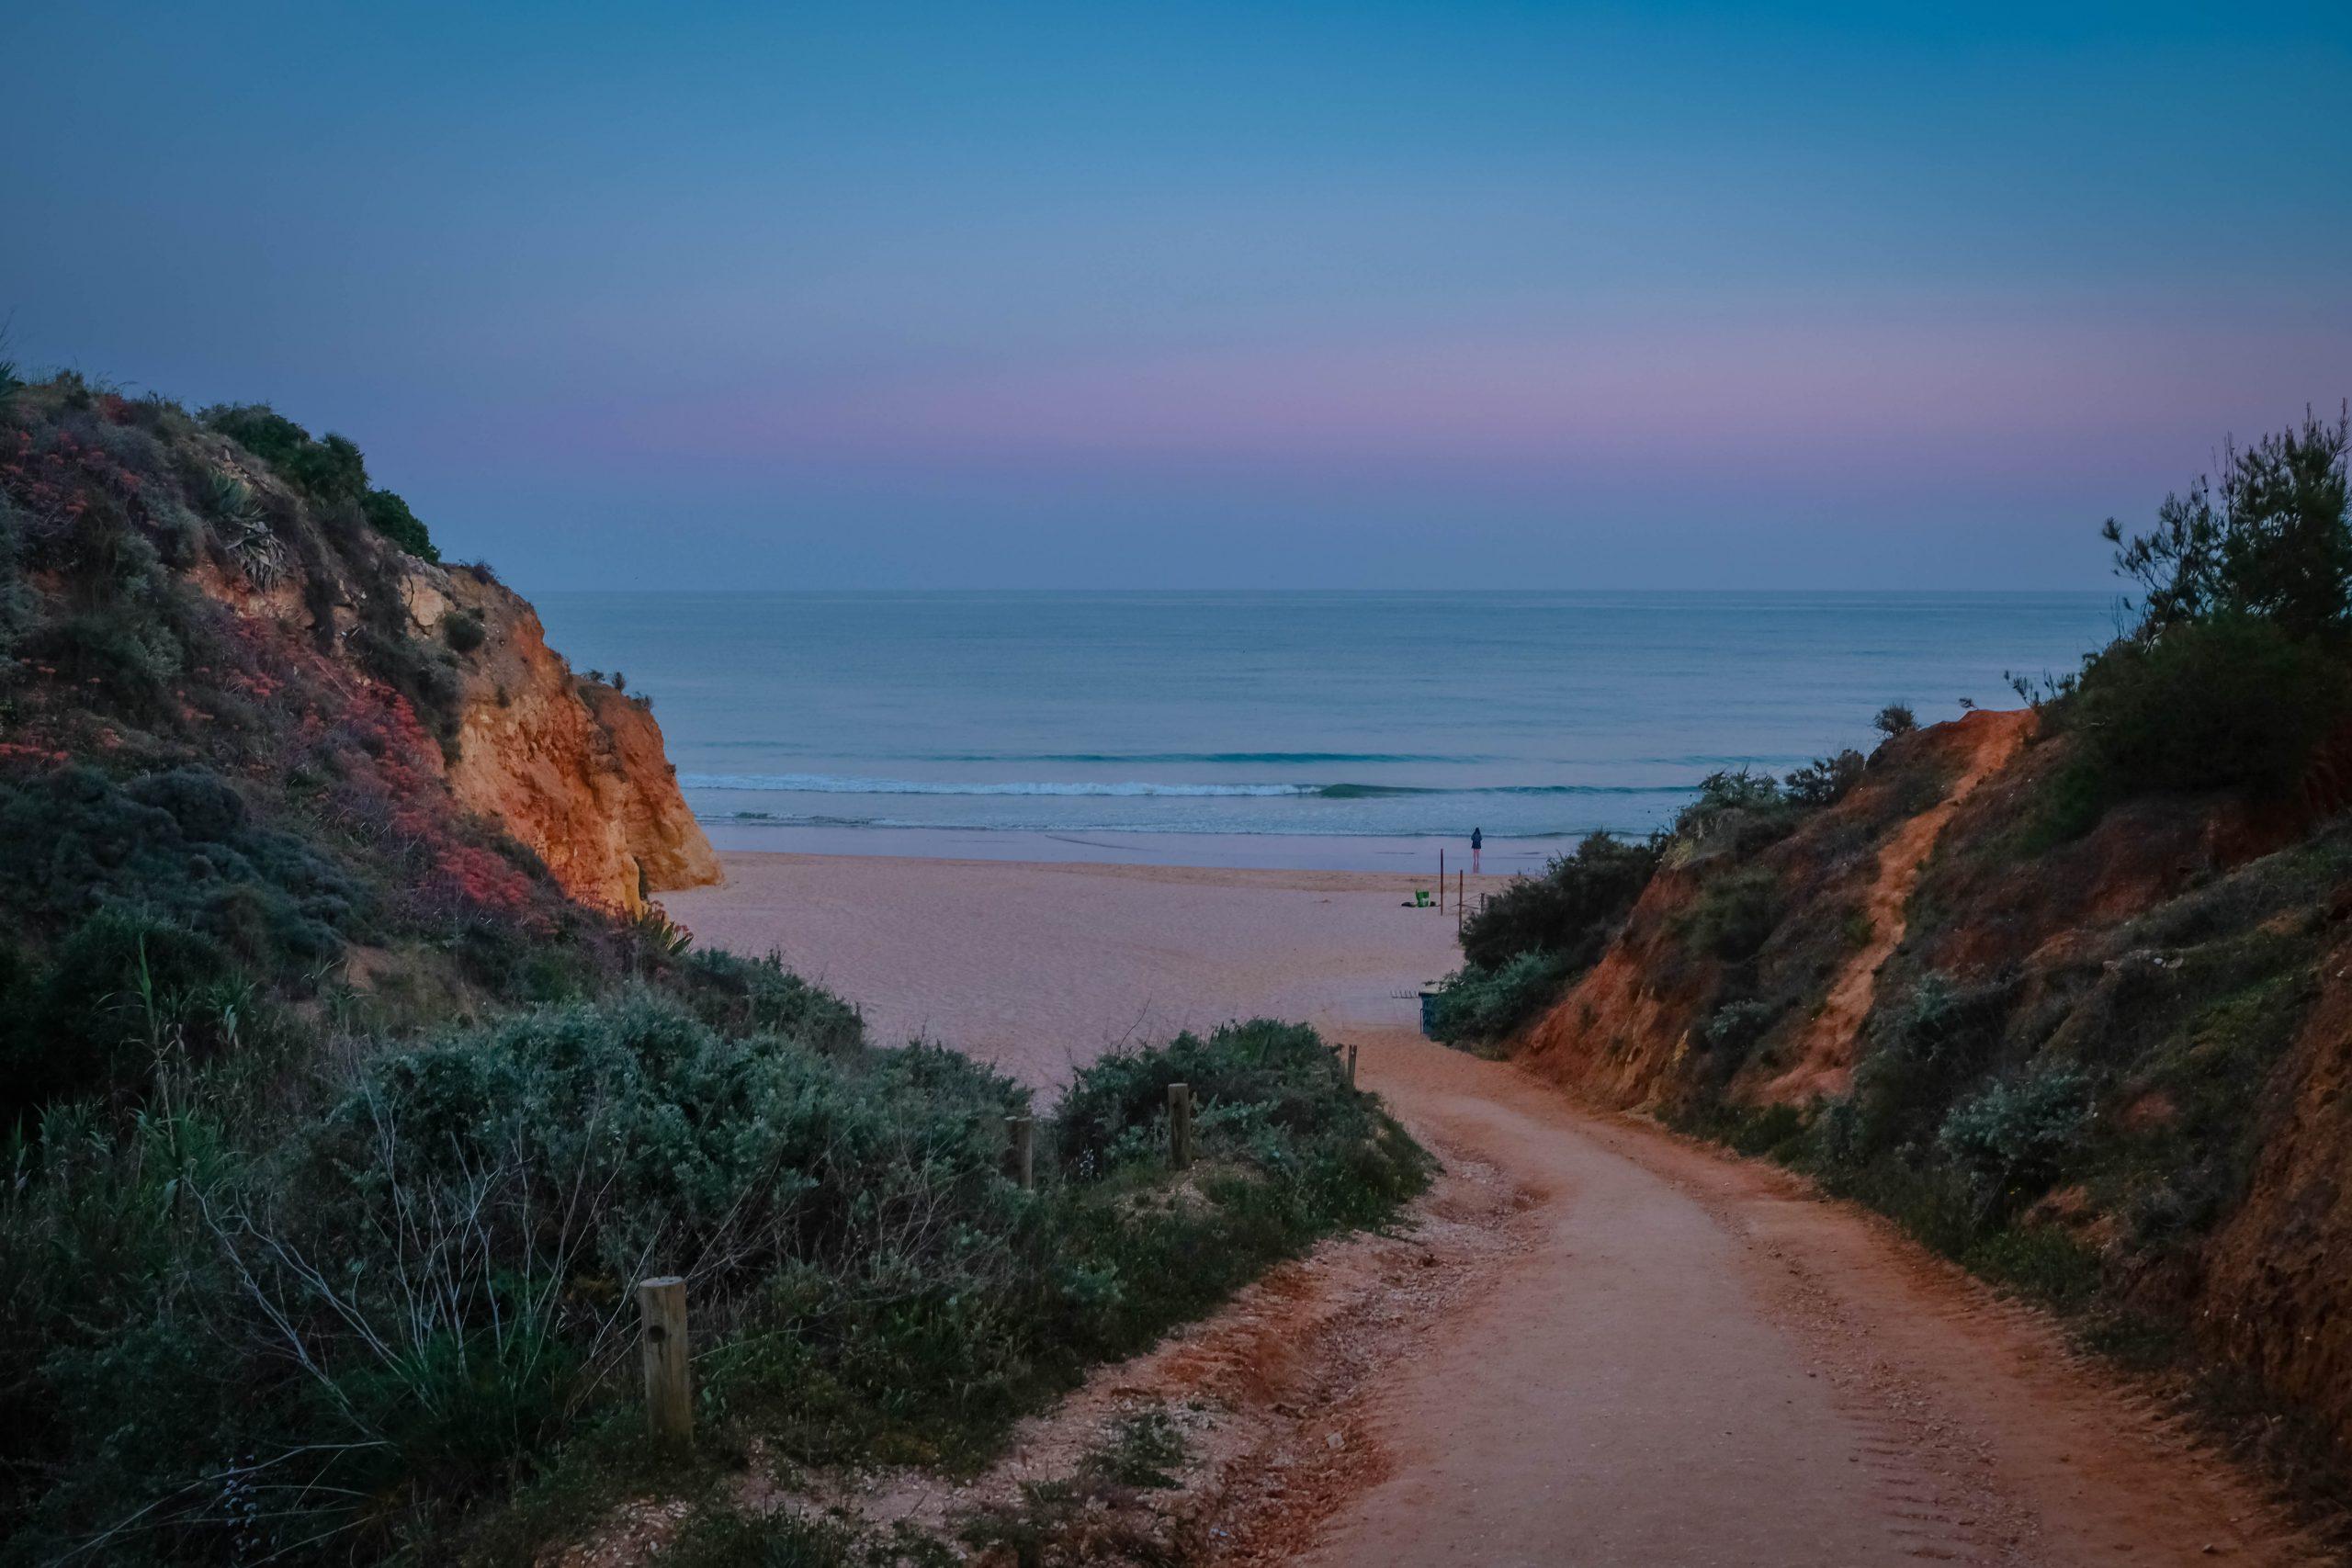 Praia do Vau - Portimao Portugal